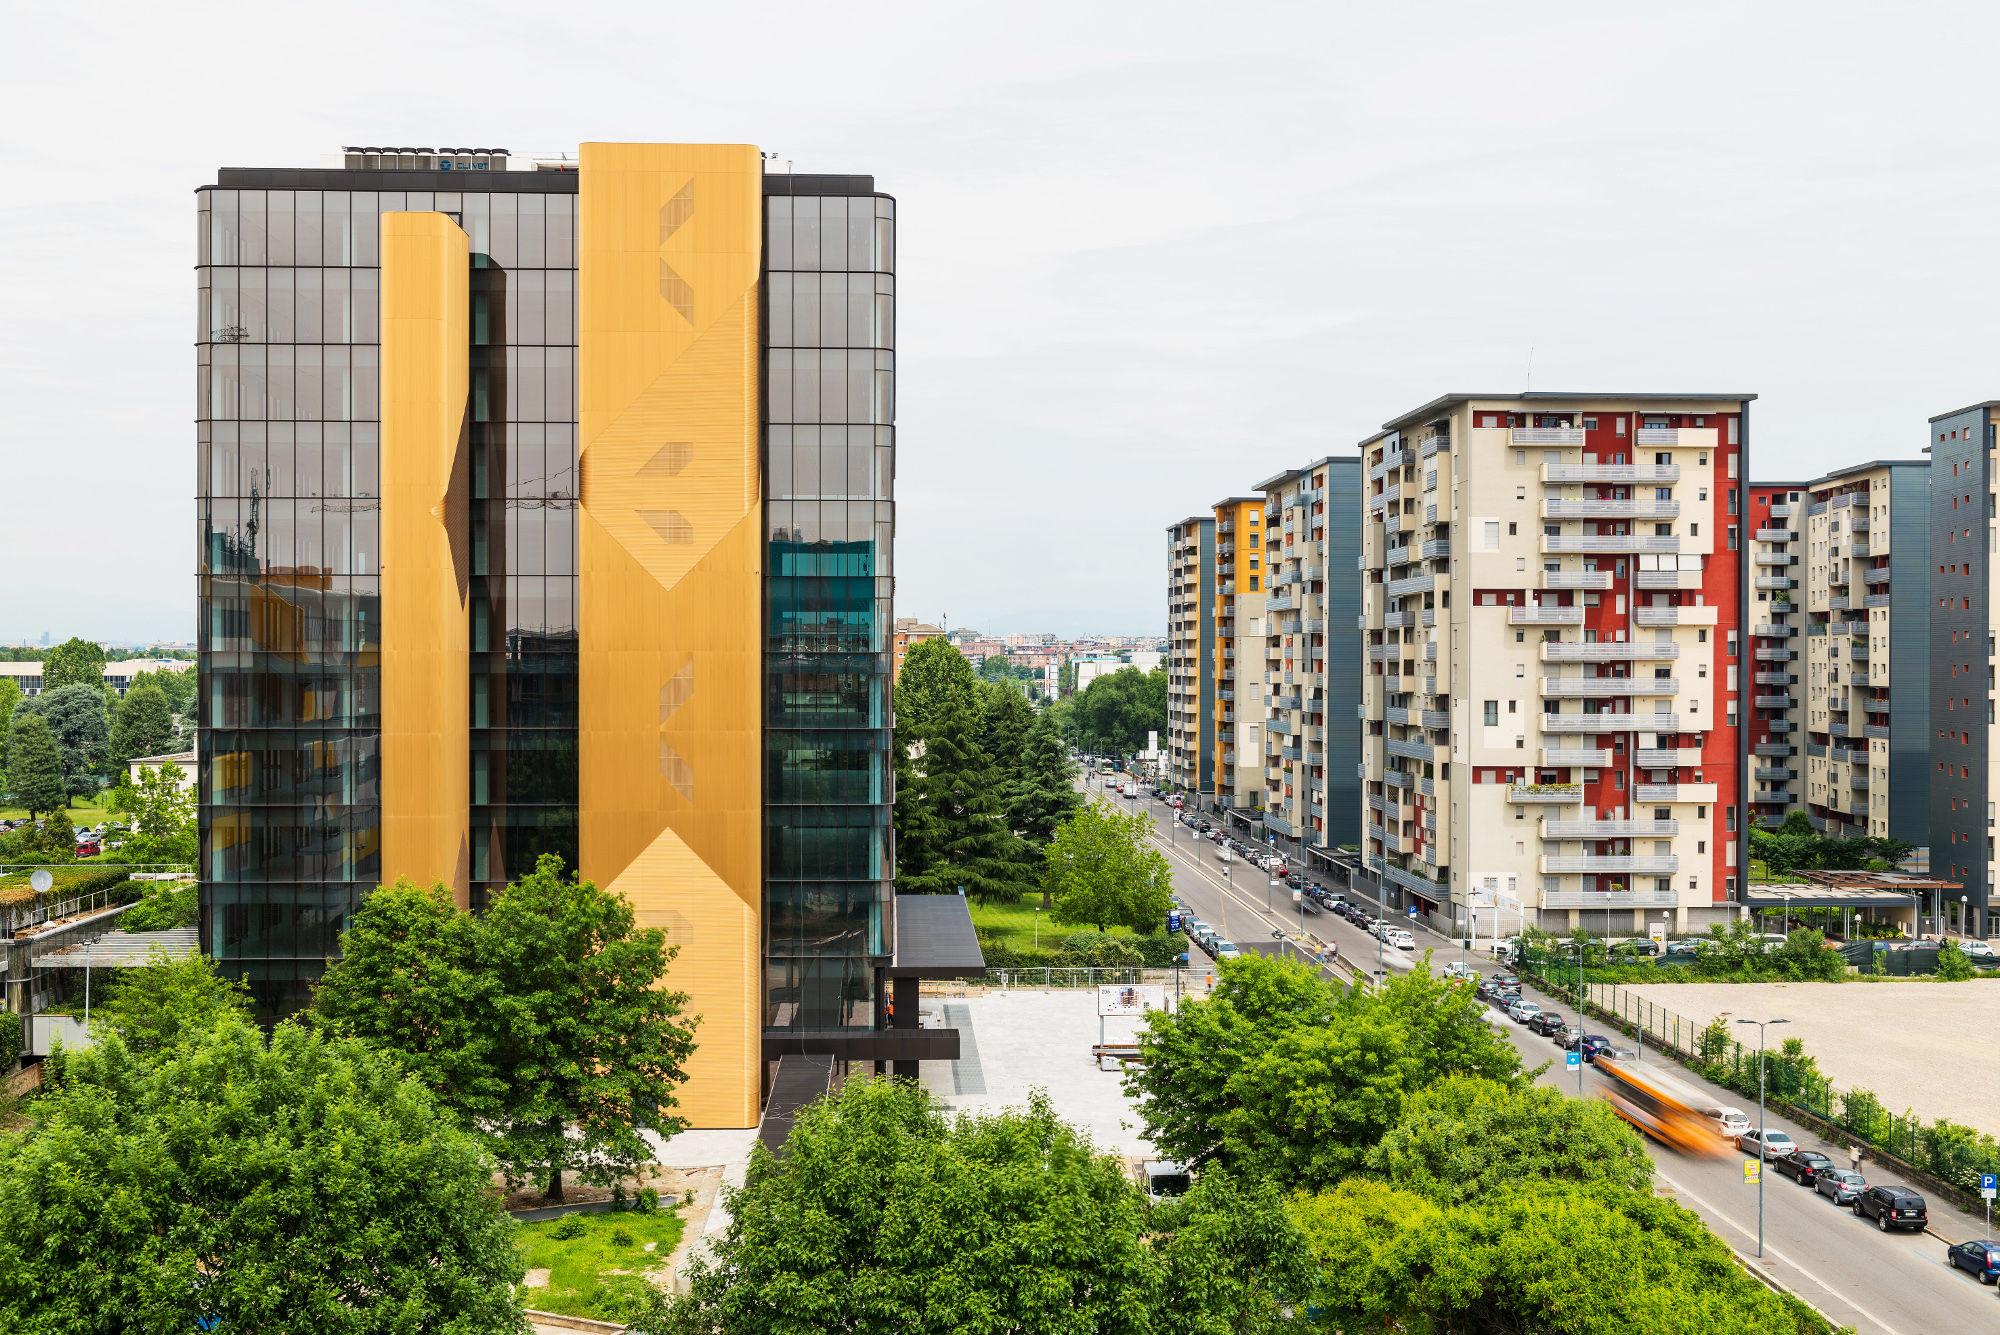 Viale Sarca Milano - image 1